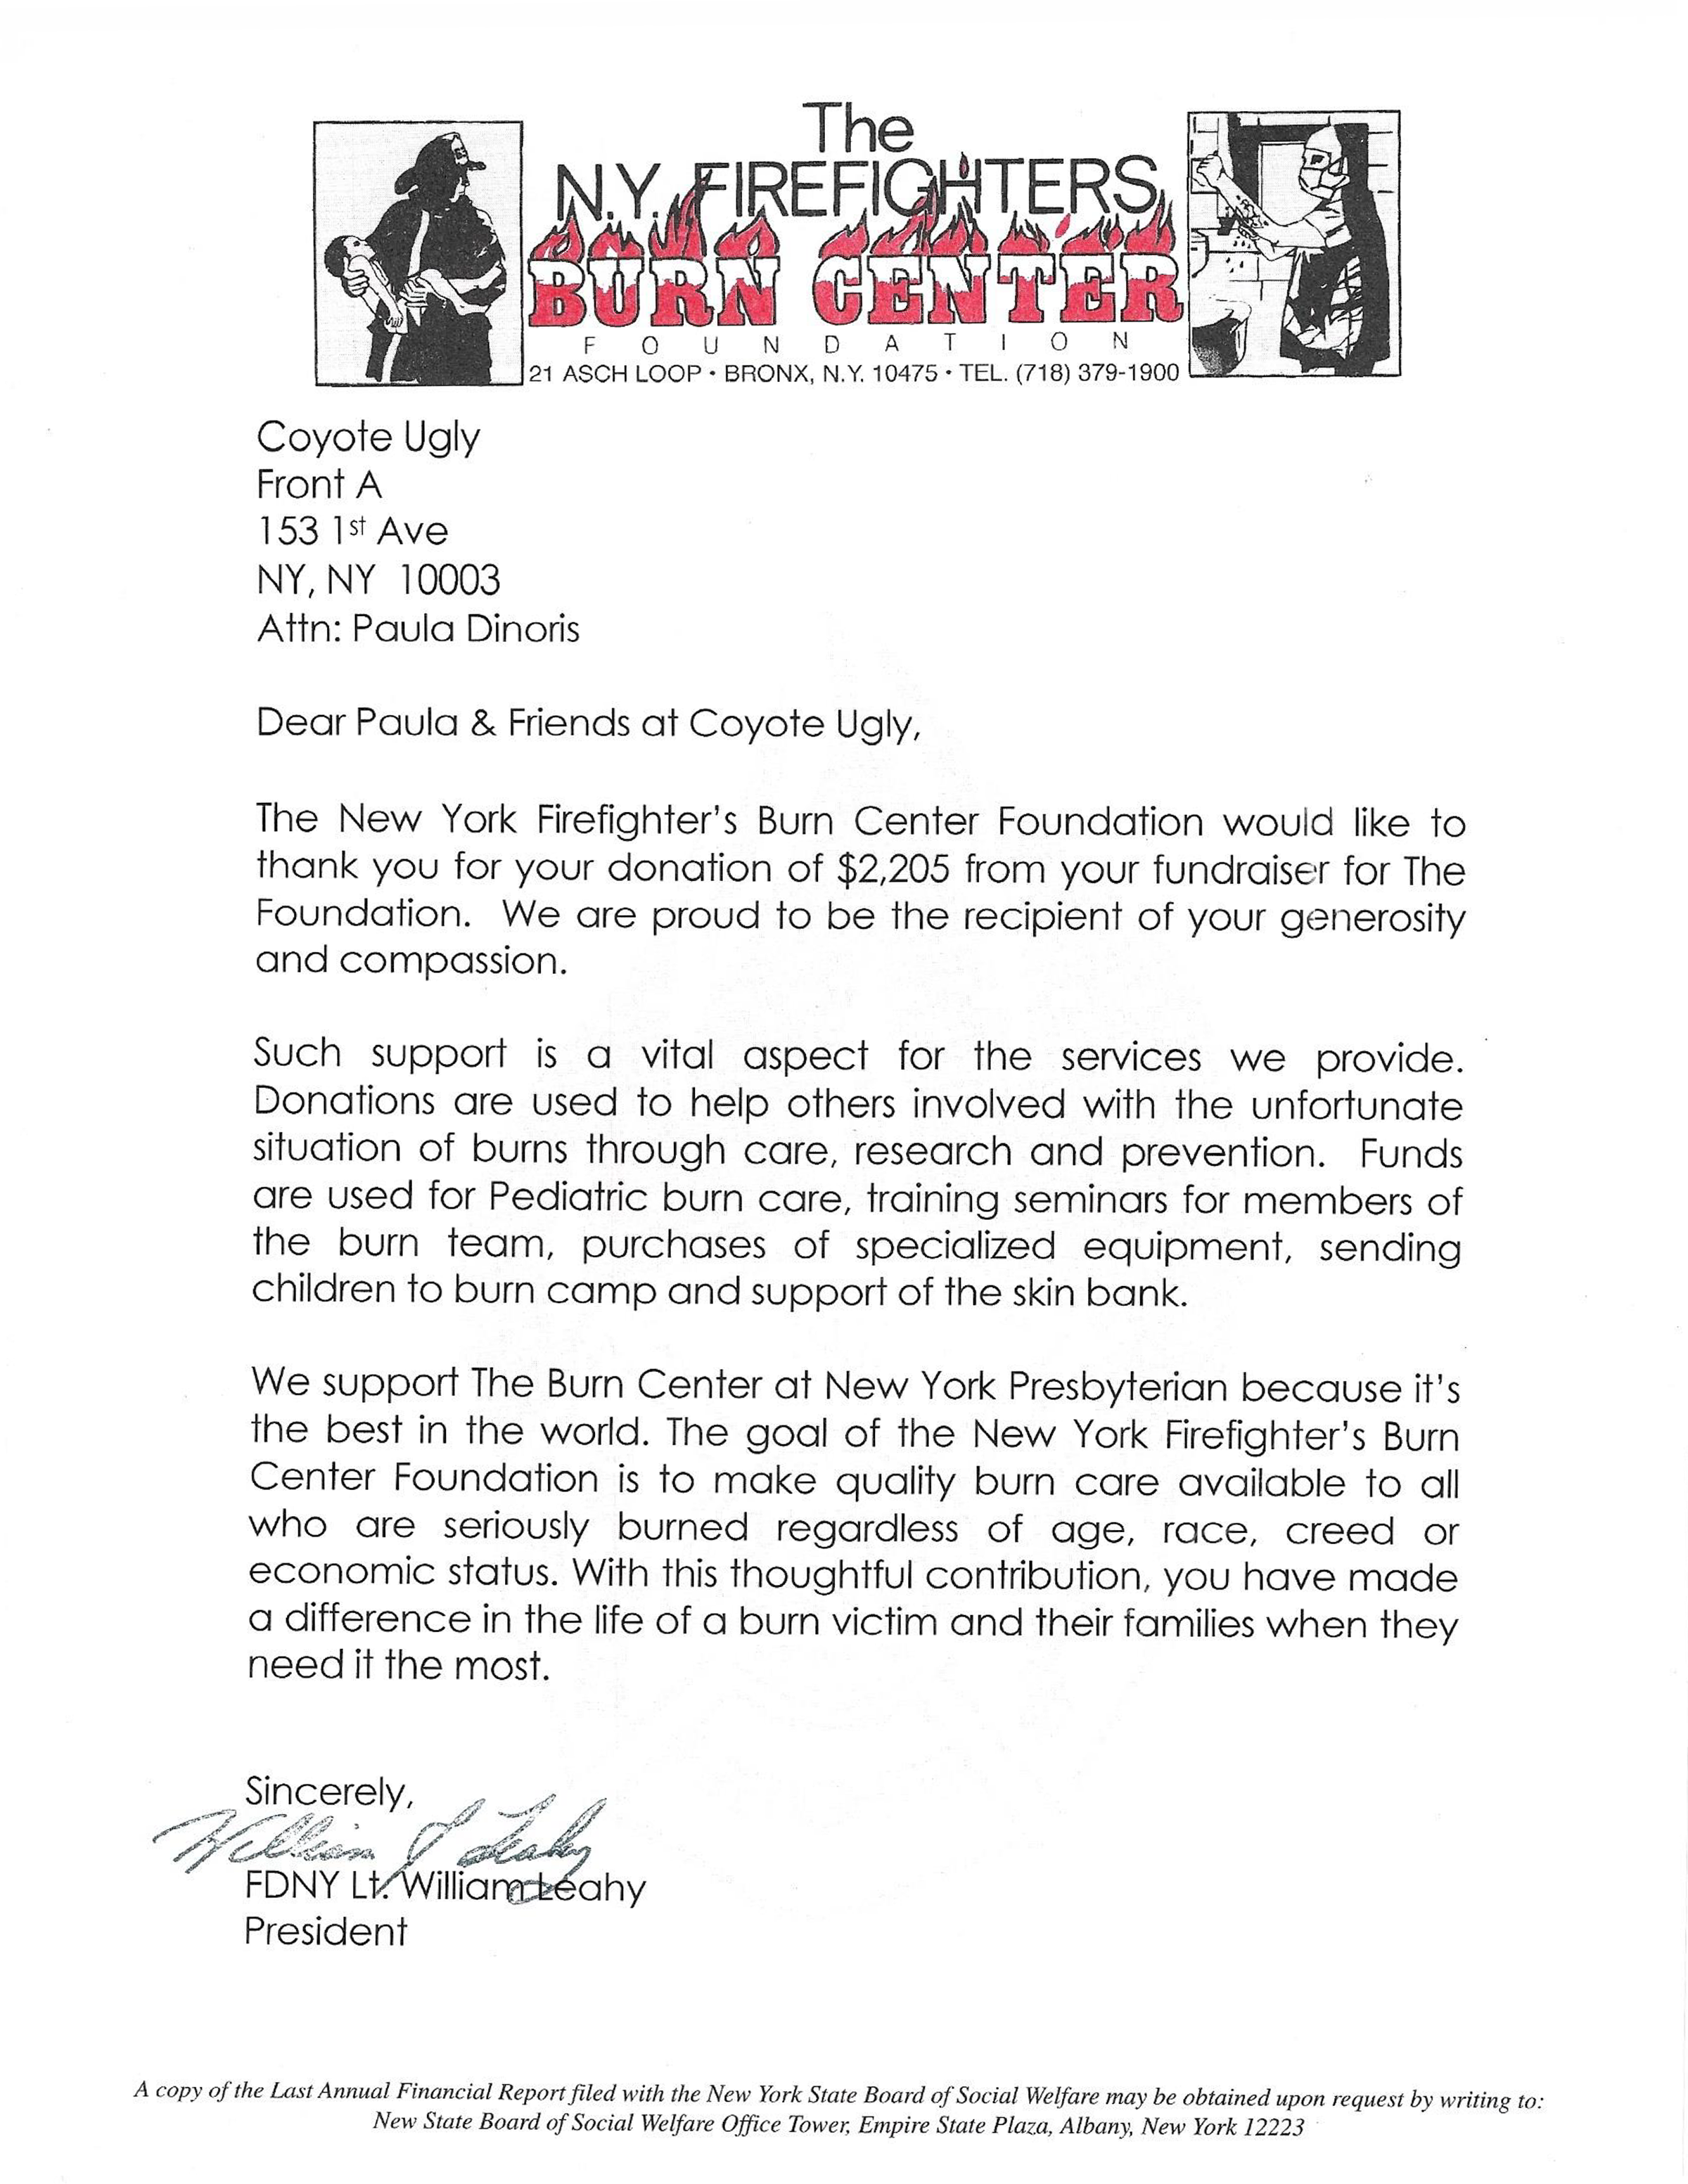 NYFD letter - New York